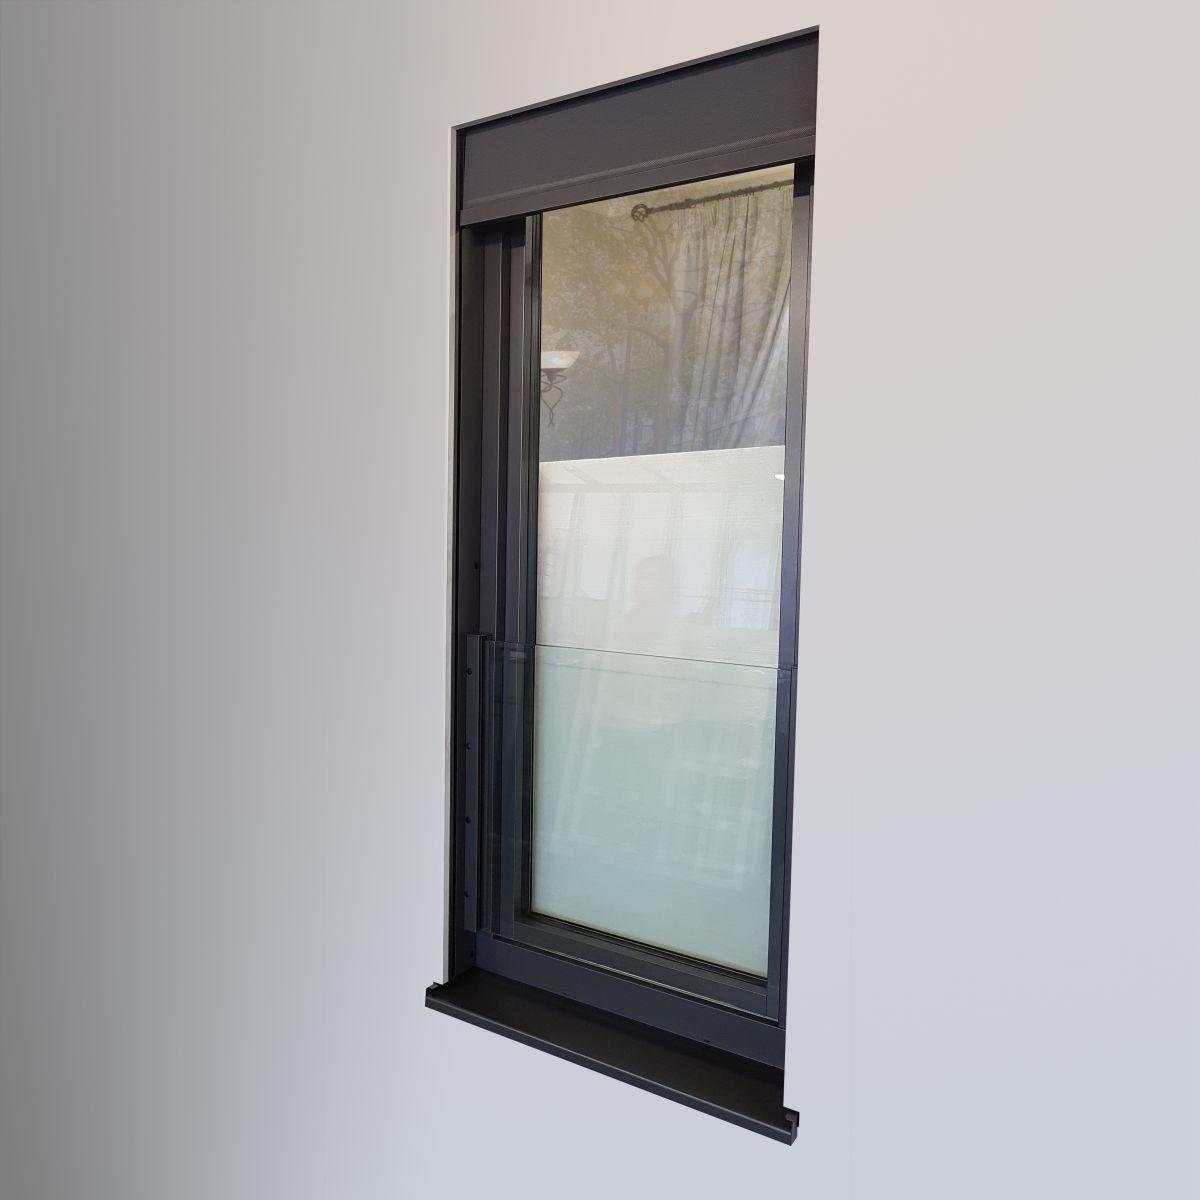 integrovane-stineni-1200x1200.jpg